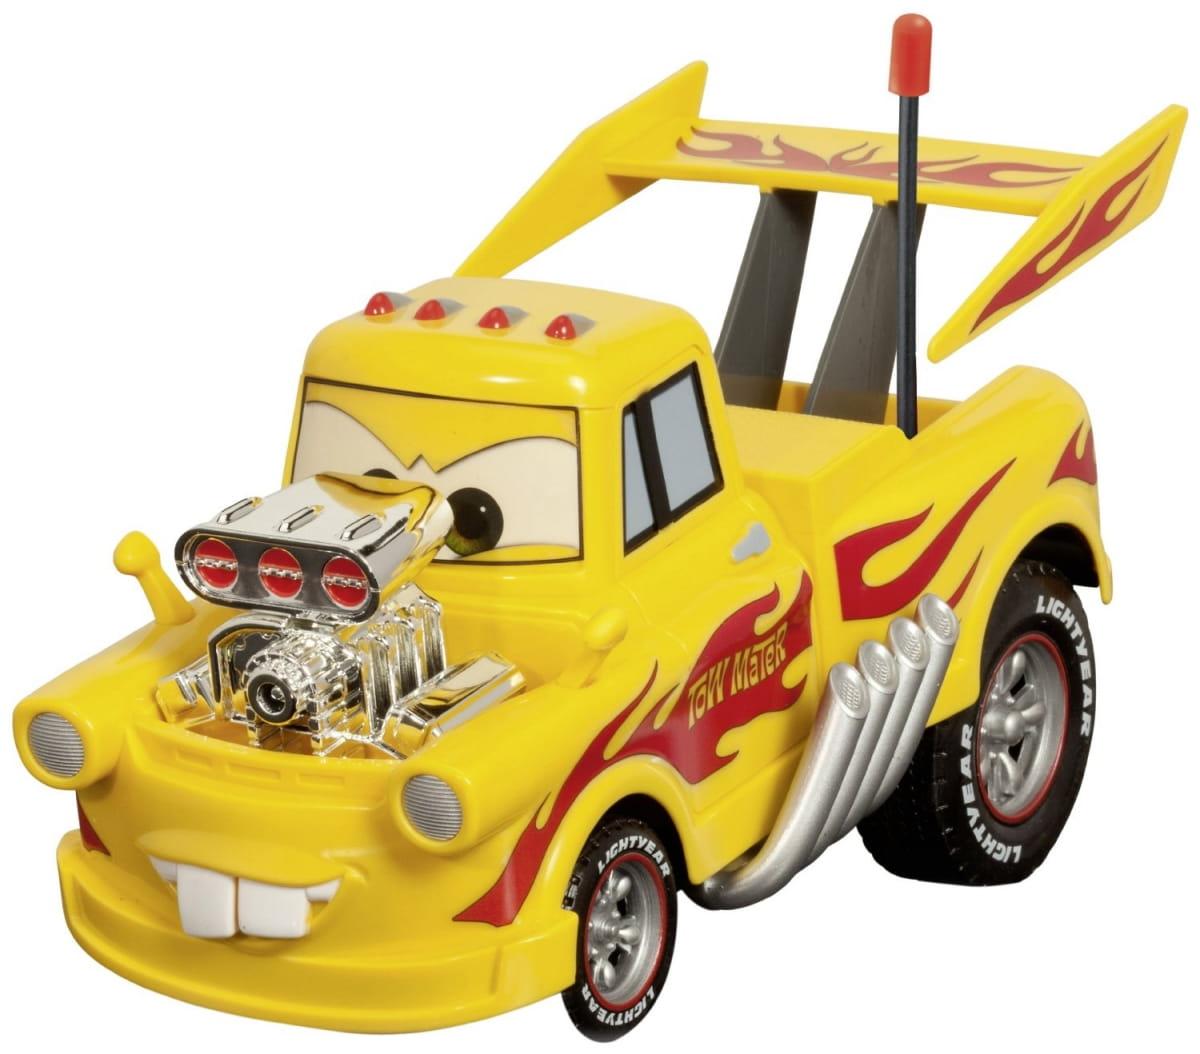 Радиоуправляемый автомобиль Тачки Мэтр гонщик 1:24 (Dickie)